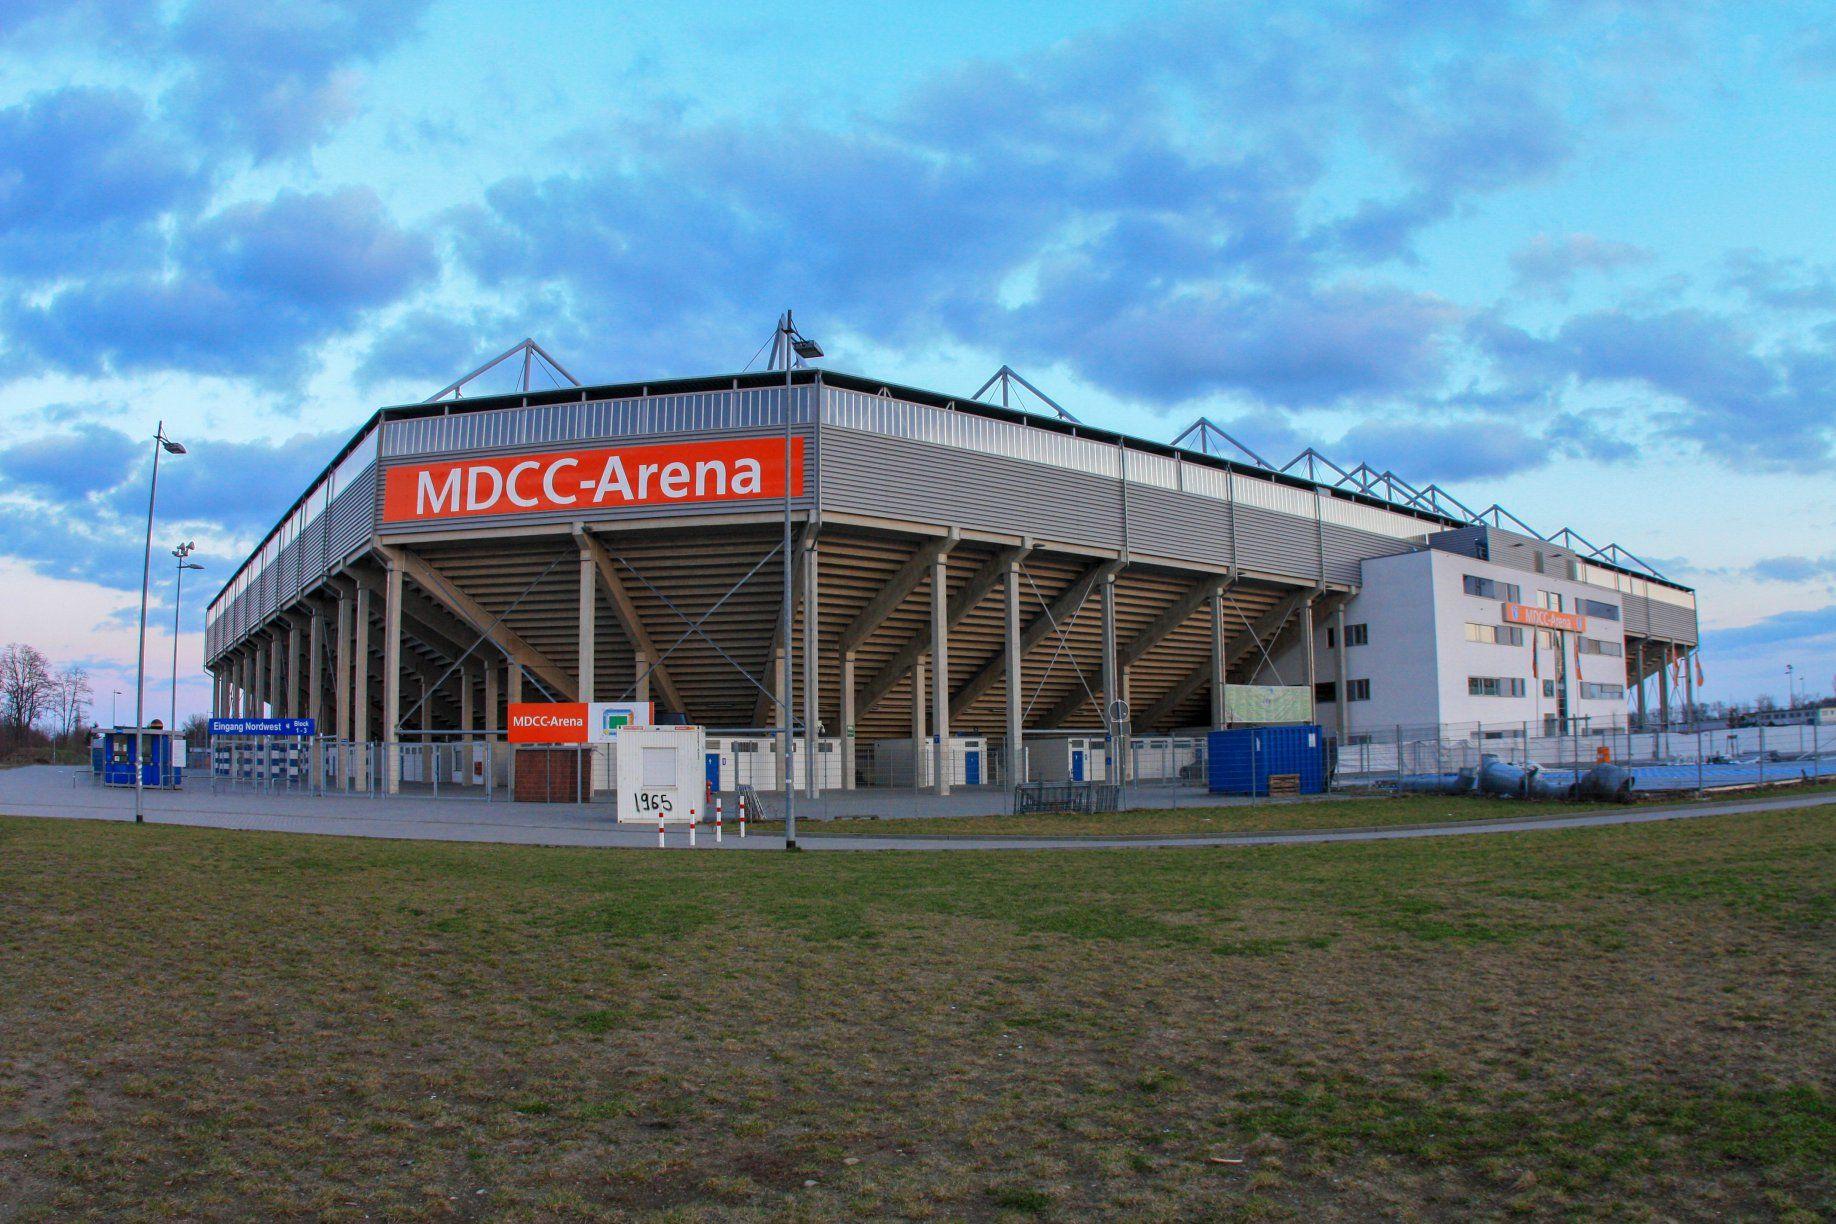 1. FCM Stadion - MDCC Arena